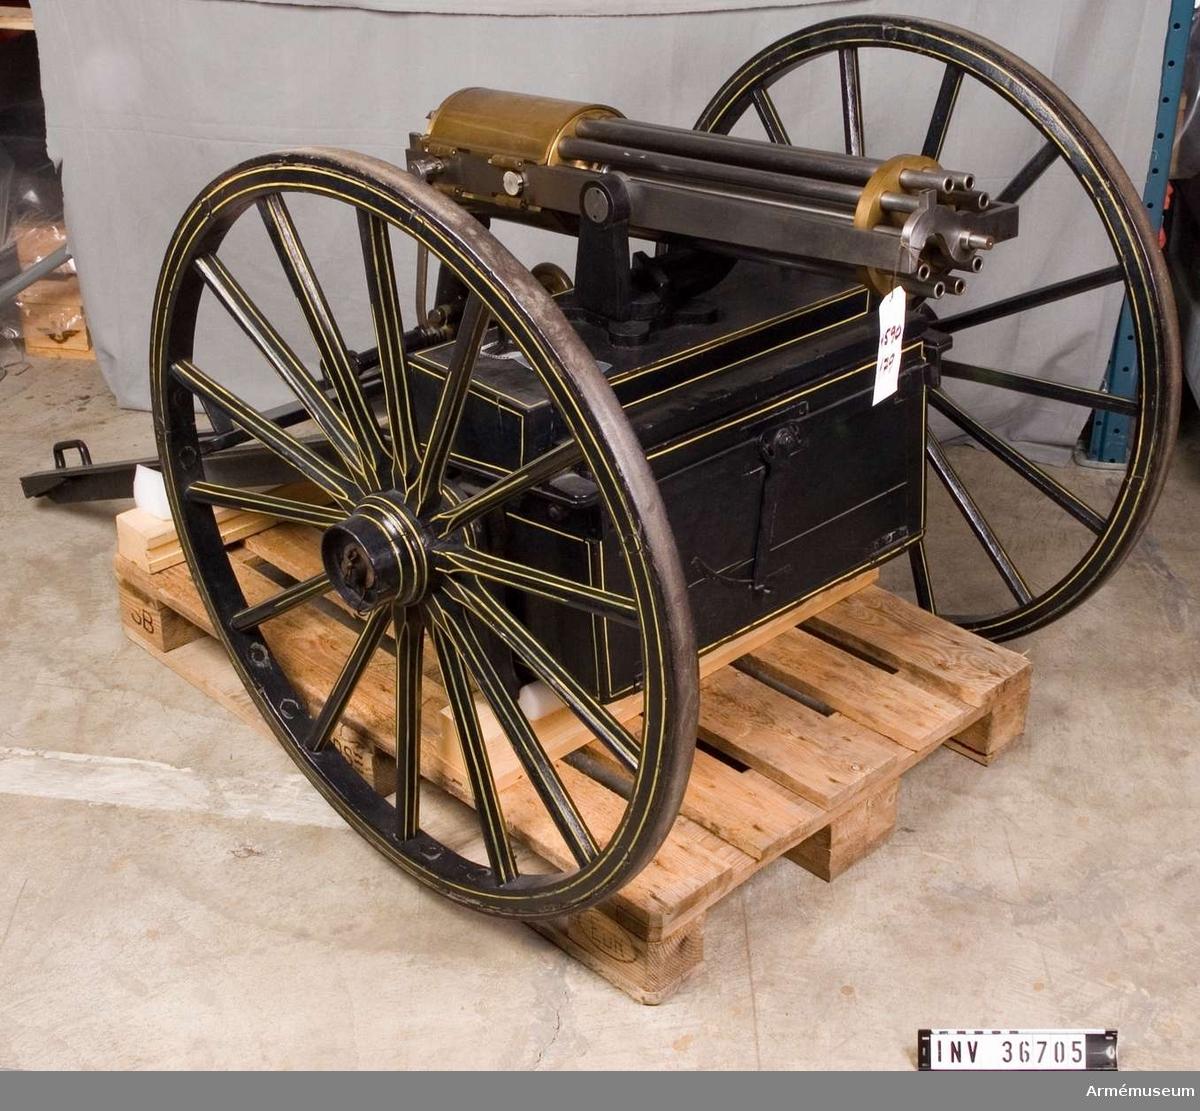 Grupp E IV a. De tio piporna är ursprungligen till 1867-års gevär för danska infanteriet, vilka har förkortats. De är ordnade efter det så kallade revolverande systemet efter samma princip som i Gatlings kulspruta. Dock är mekanismen i denna kulspruta betydligt mindre komplicerad.